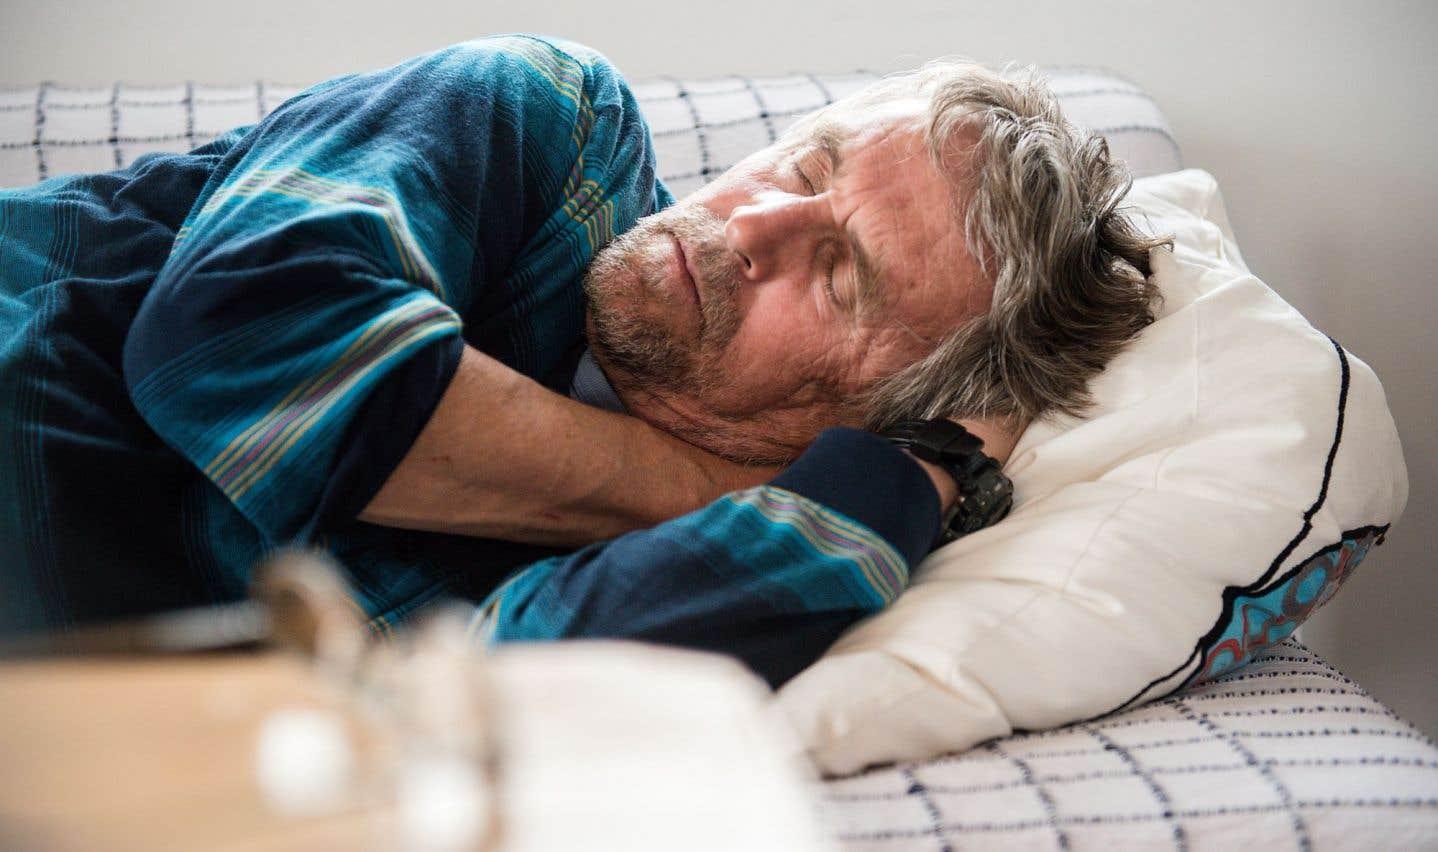 Le sommeil permettrait de consolider une partie de la mémoire récente.